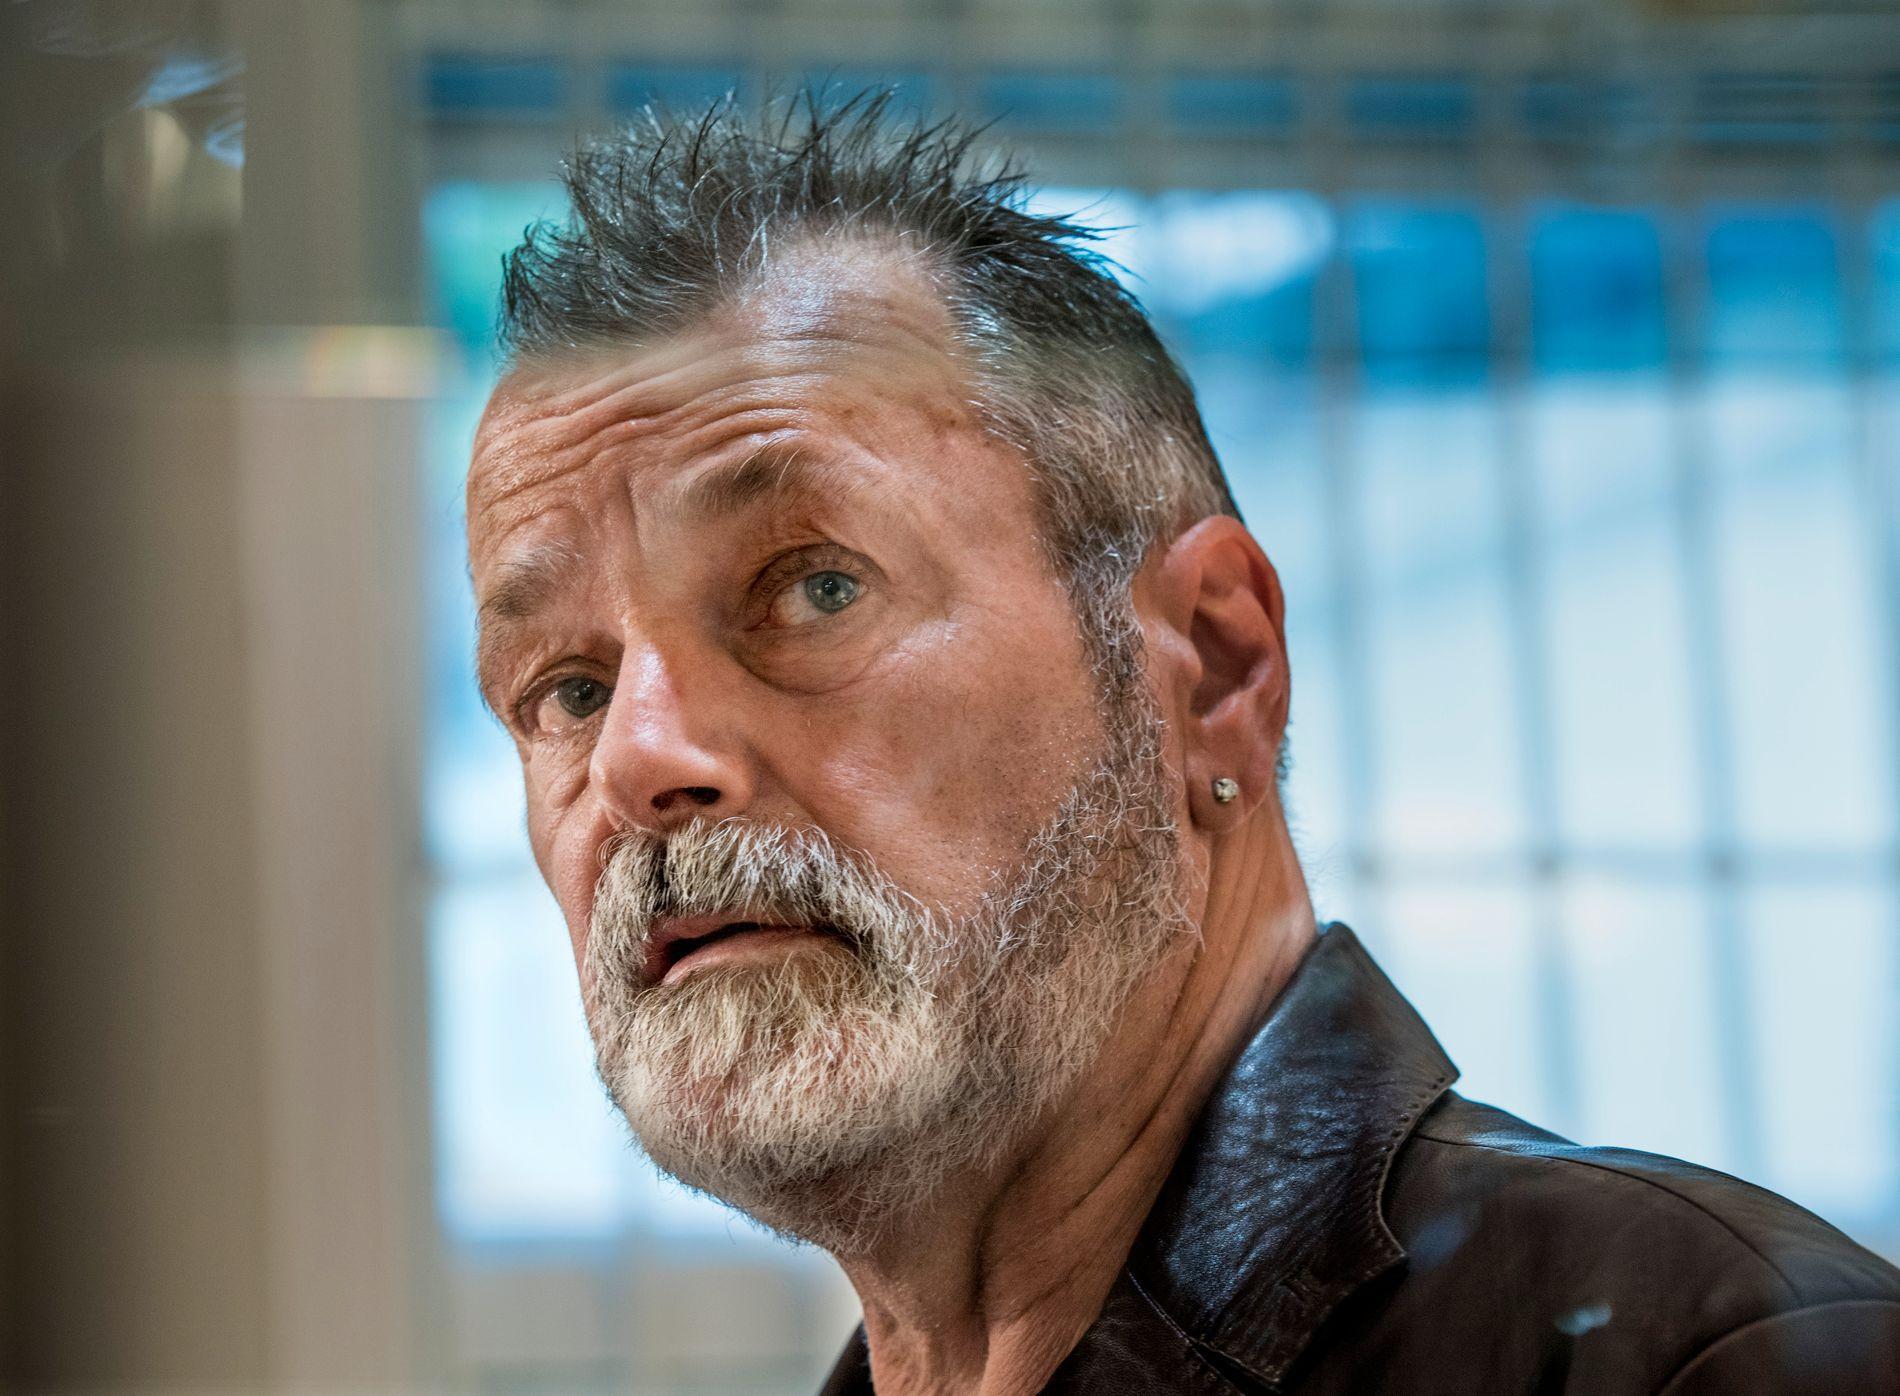 MØTER I RETTEN: Eirik Jensen anket dommen på 21 års fengsel. Tirsdag møter han på ny i retten. Her er han avbildet under en kunstutstilling på Frogner i Oslo, kort tid før tingrettsdommen falt.